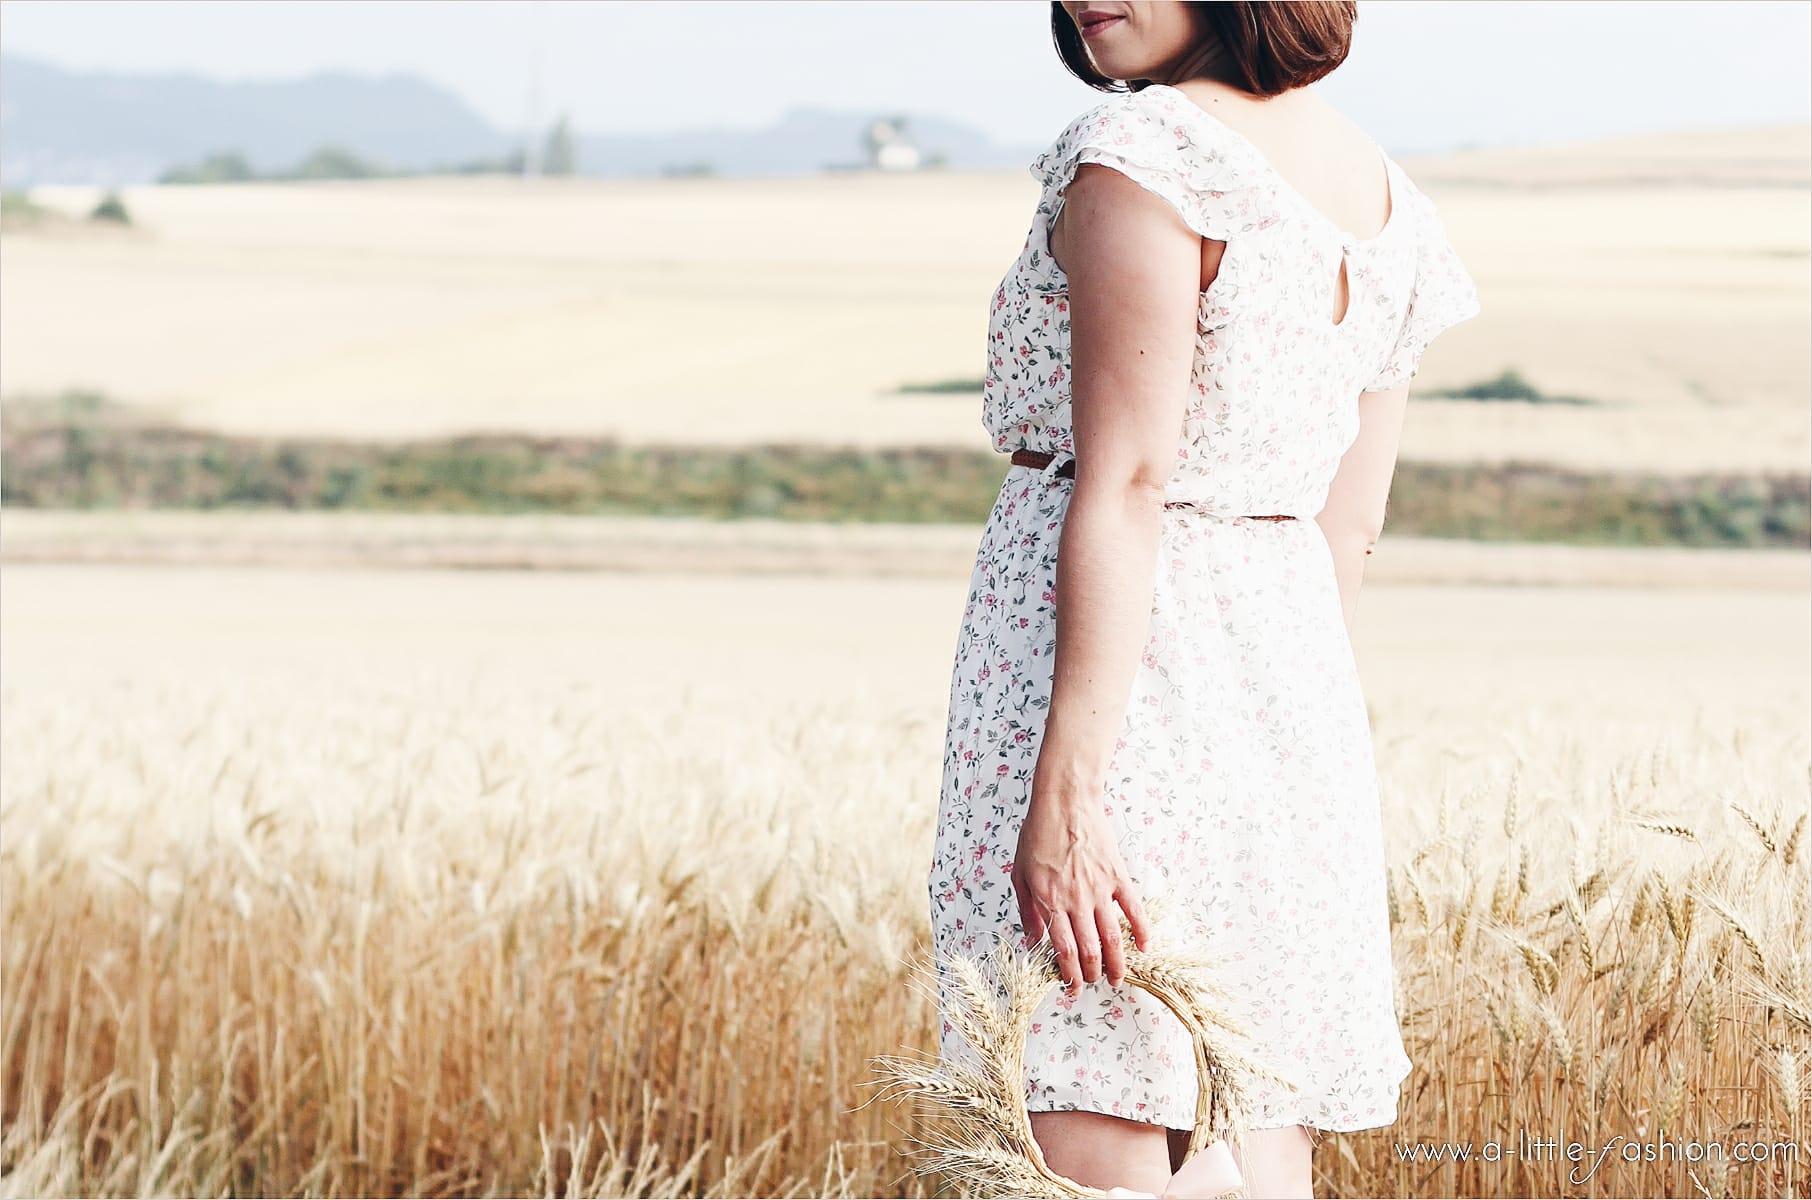 Fashion-Trendvorschau: Die besten Kleider für Sommer 2016